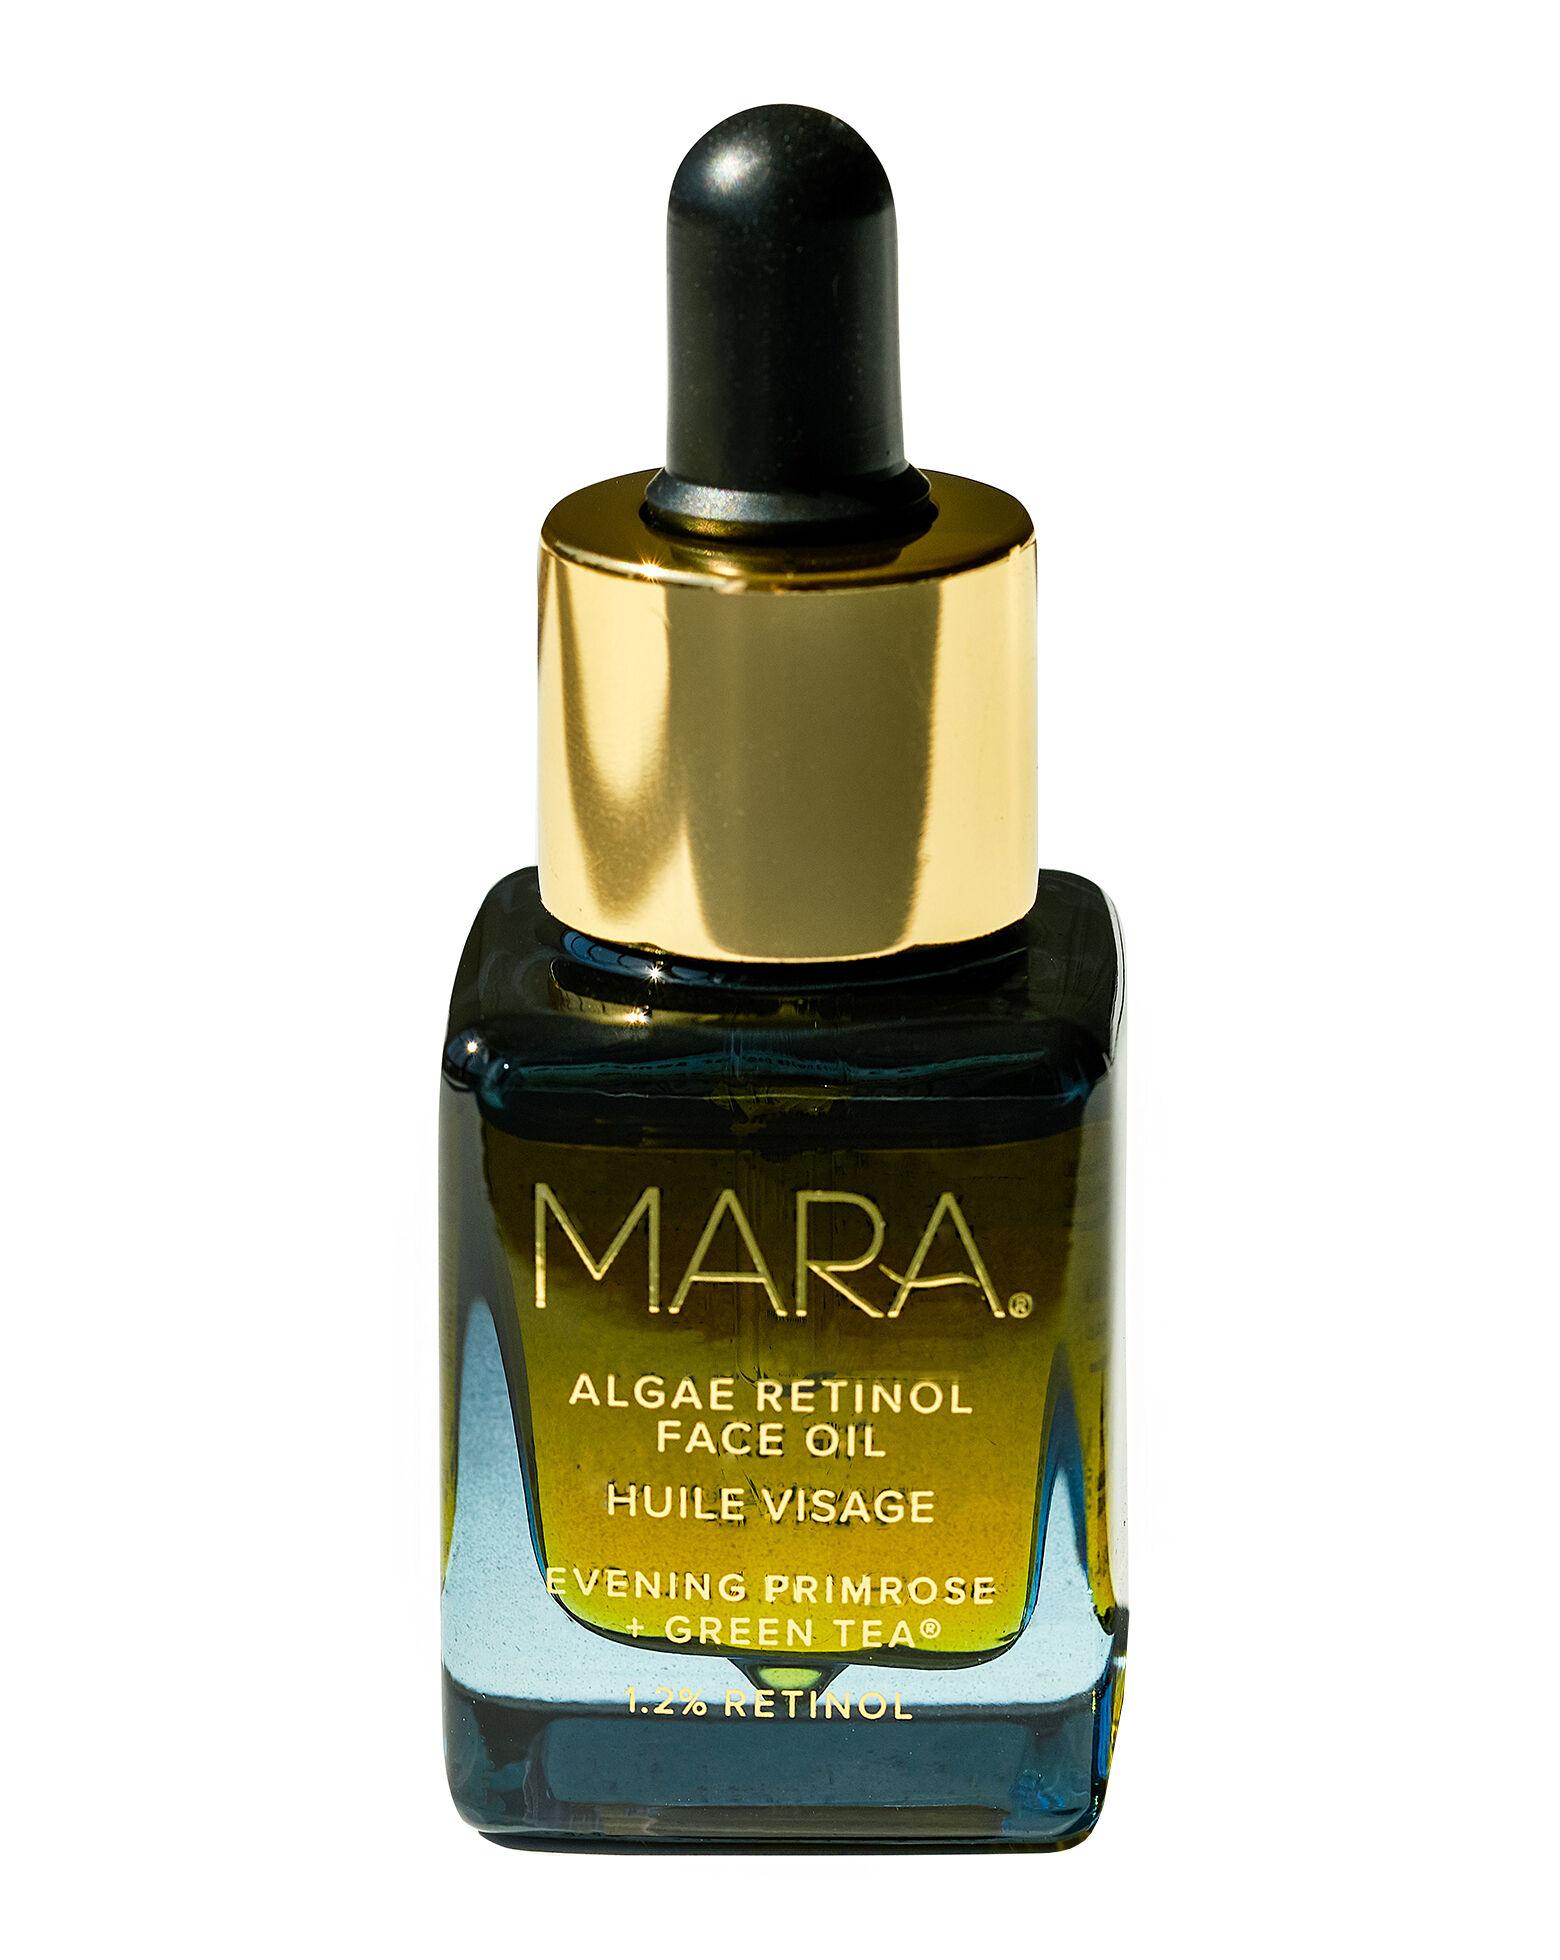 MARA - Evening Primrose + Green Tea Algae Retinol Face Oil